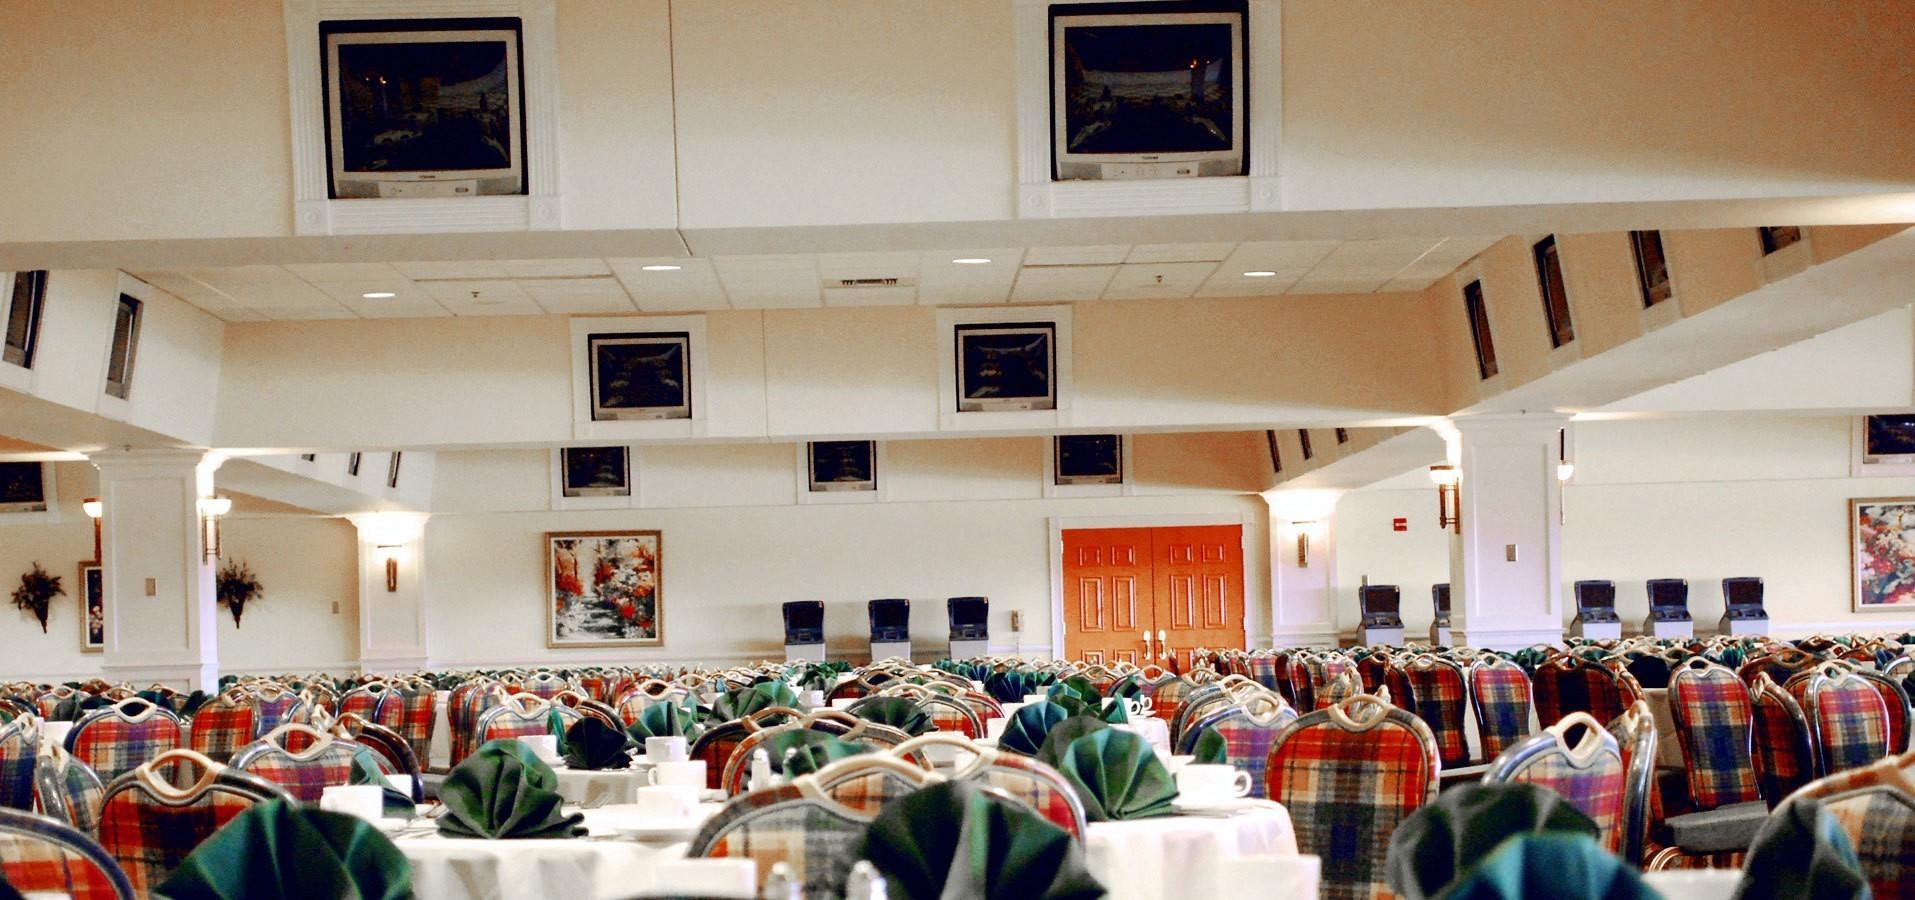 churchill-downs-reception-room